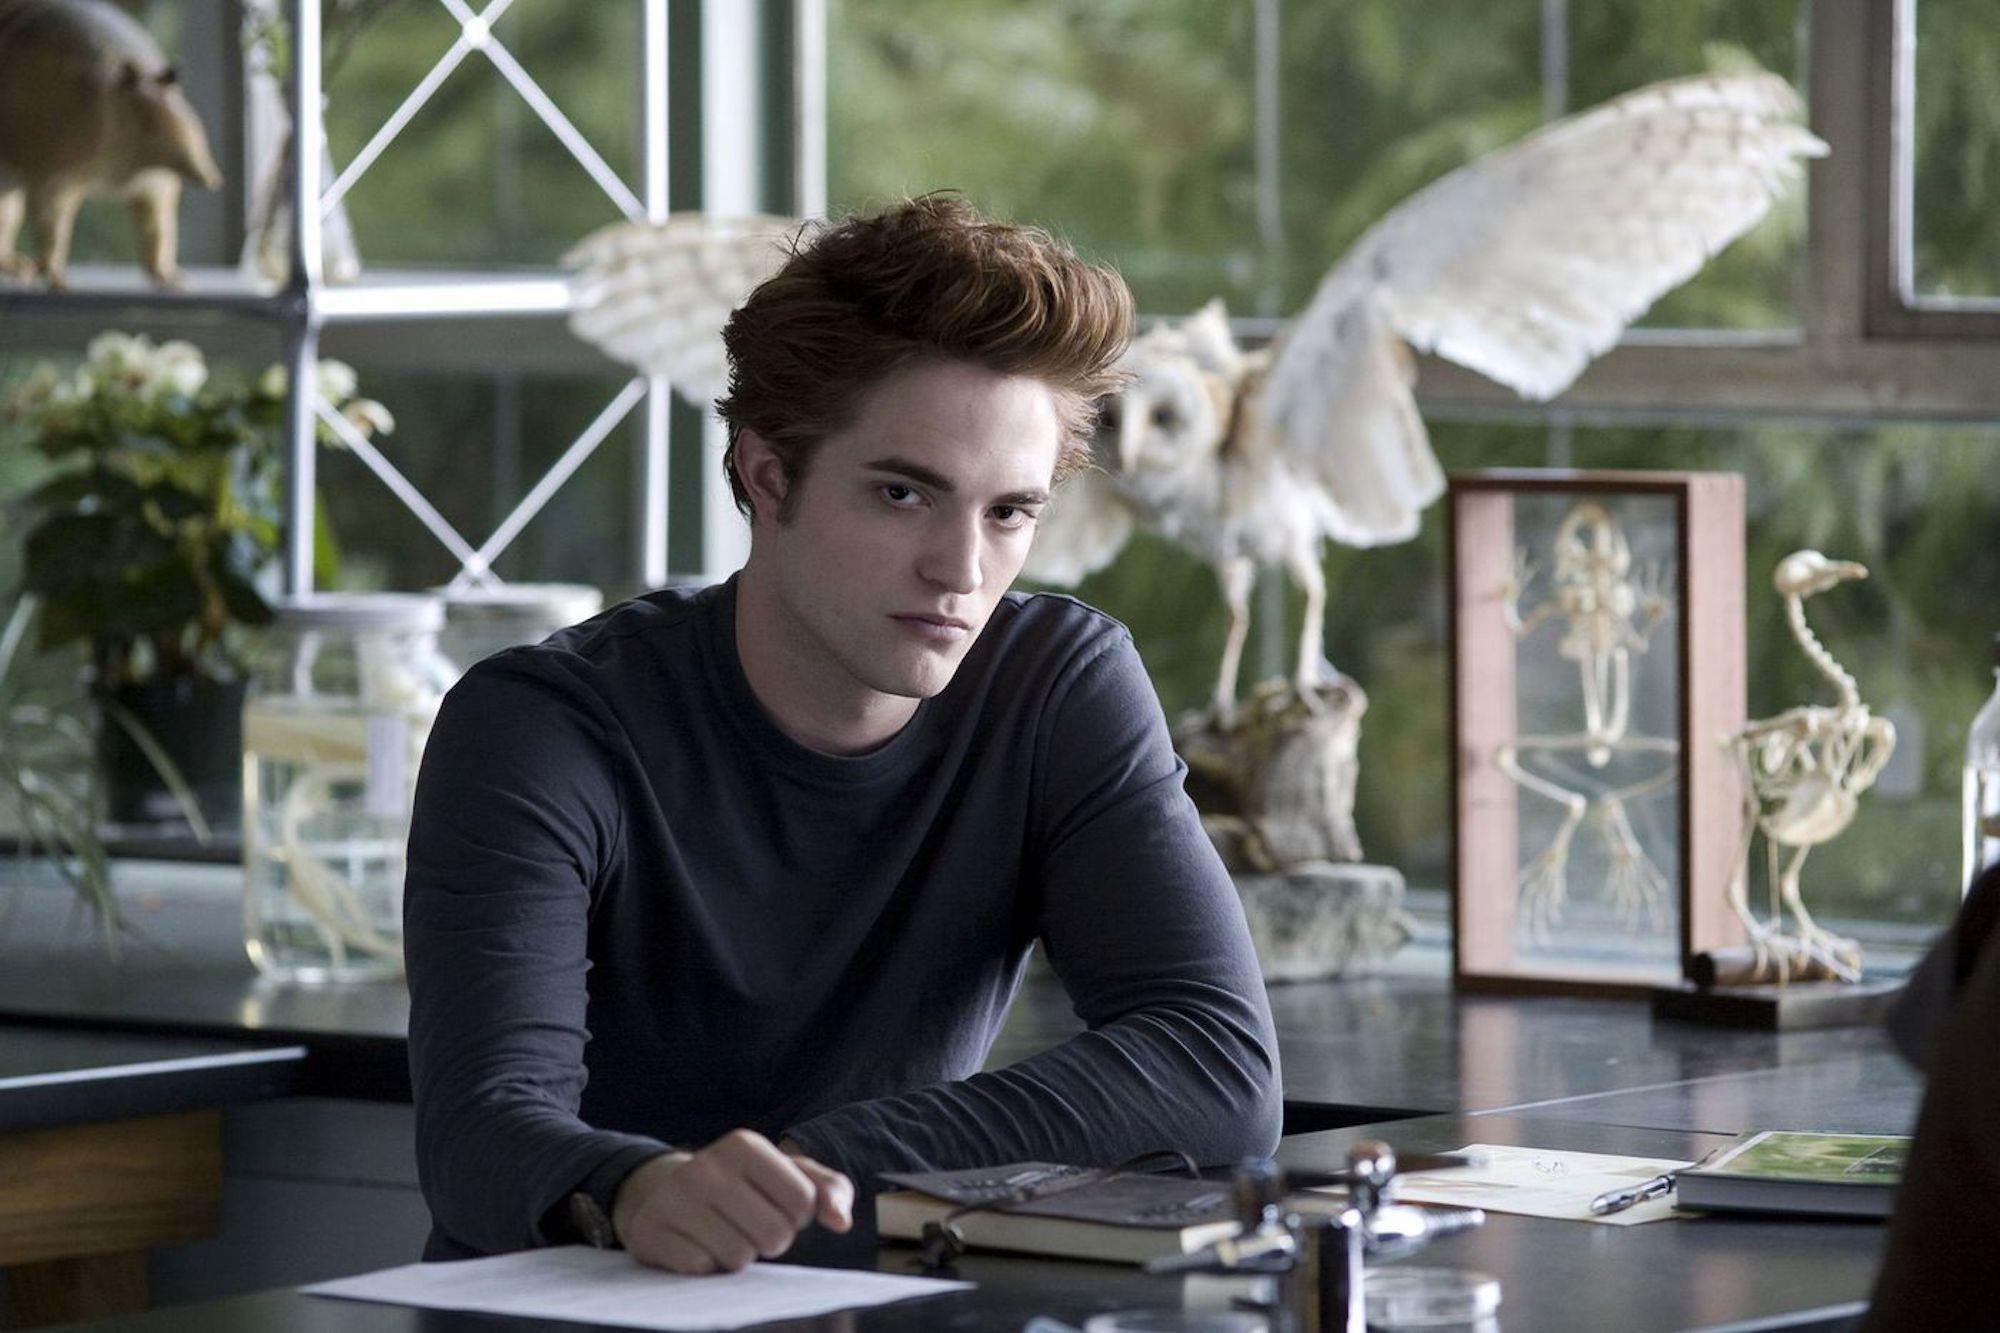 Edward Cullen (Robert Pattinson) during Bella's first biology class in 'Twilight.'